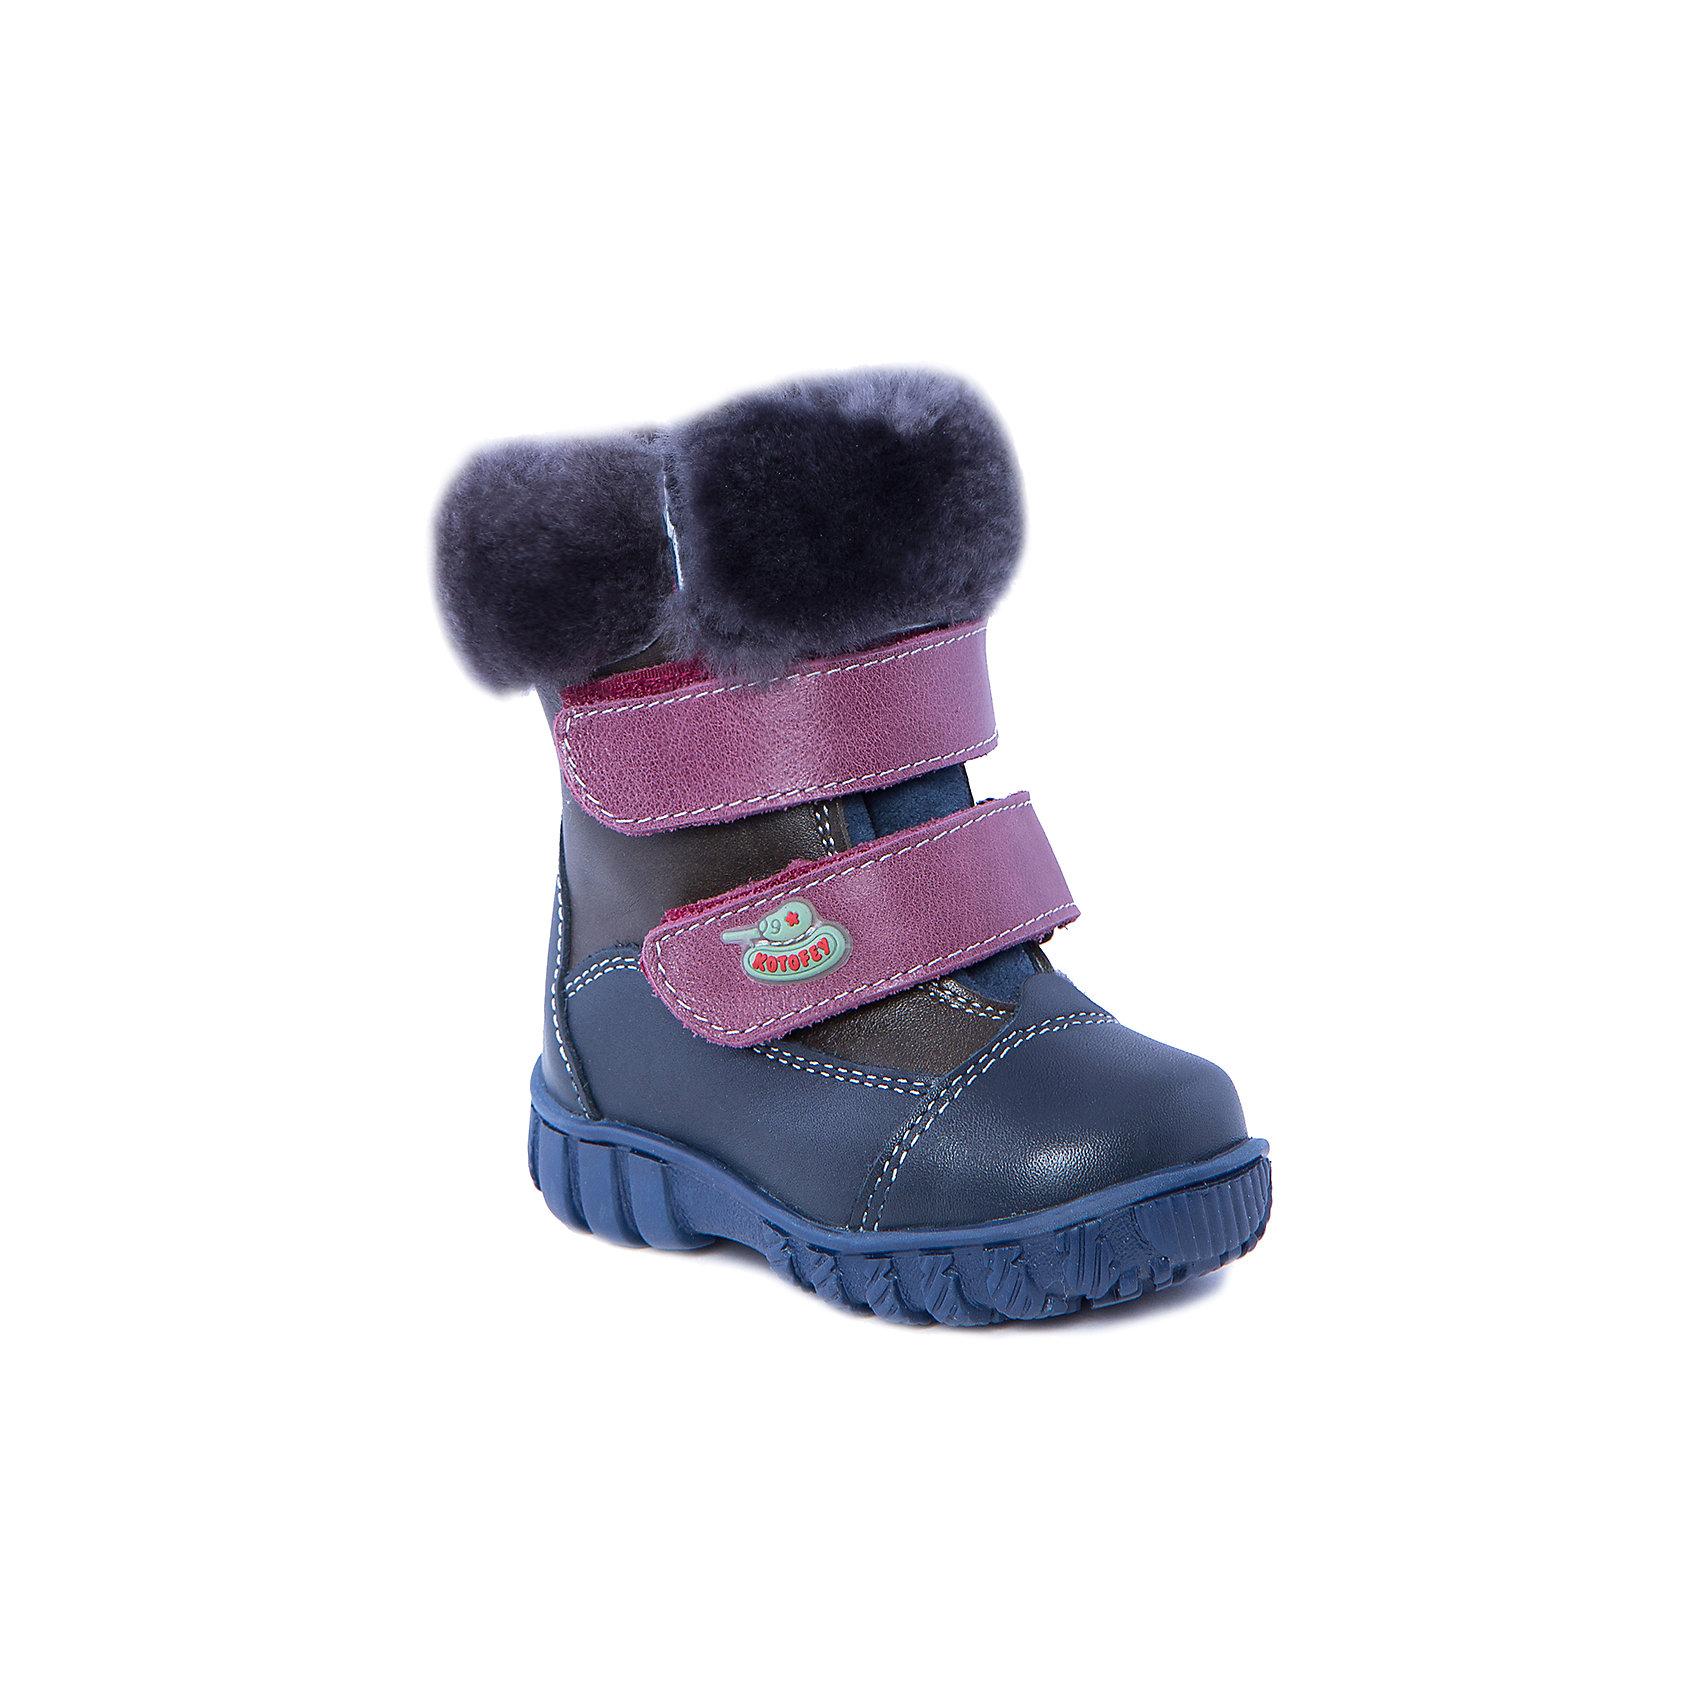 Сапоги для мальчика КотофейСапоги для мальчика от известного российского бренда Котофей<br><br>Модные и удобные сапоги помогут защитить детские ножки от сырости и холода. Они легко надеваются, комфортно садятся по ноге.<br><br>Особенности модели: <br><br>- цвет - синий;<br>- меховые отвороты;<br>- аппликация с танком;<br>- верх – натуральная кожа;<br>- комфортная колодка;<br>- подкладка утепленная;<br>- вид крепления – клеевой;<br>- защита пальцев;<br>- амортизирующая устойчивая подошва;<br>- застежка - липучка.<br><br>Дополнительная информация:<br><br>Температурный режим: <br><br>от 0° С до -25° С<br><br>Состав:<br>верх – натуральная кожа;<br>подкладка - овчина;<br>подошва - ТЭП.<br><br>Сапоги для мальчика Котофей можно купить в нашем магазине.<br><br>Ширина мм: 257<br>Глубина мм: 180<br>Высота мм: 130<br>Вес г: 420<br>Цвет: синий<br>Возраст от месяцев: 15<br>Возраст до месяцев: 18<br>Пол: Мужской<br>Возраст: Детский<br>Размер: 22,21,20<br>SKU: 4315175